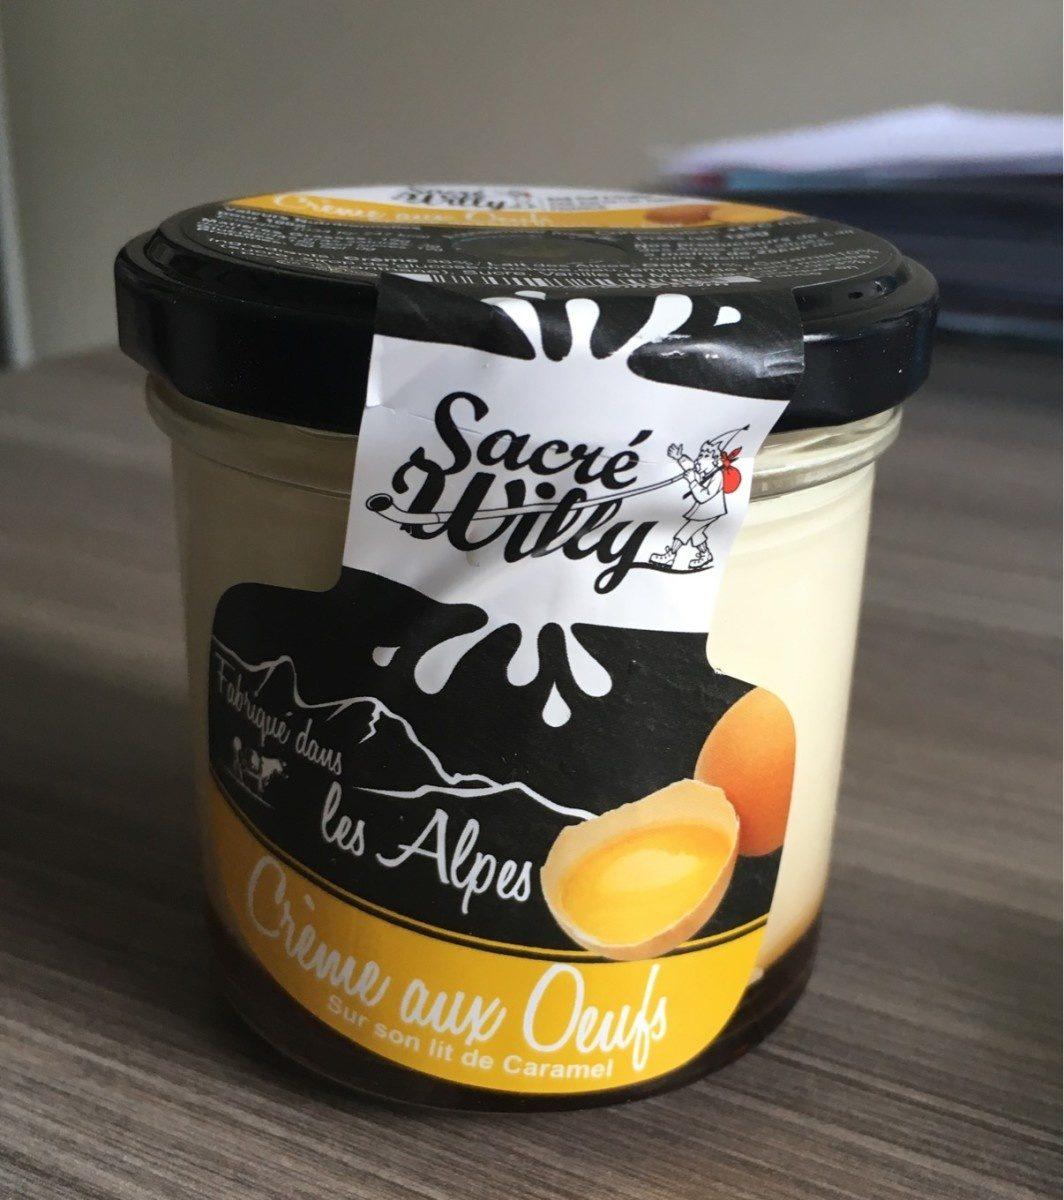 Crème aux oeufs - Product - fr